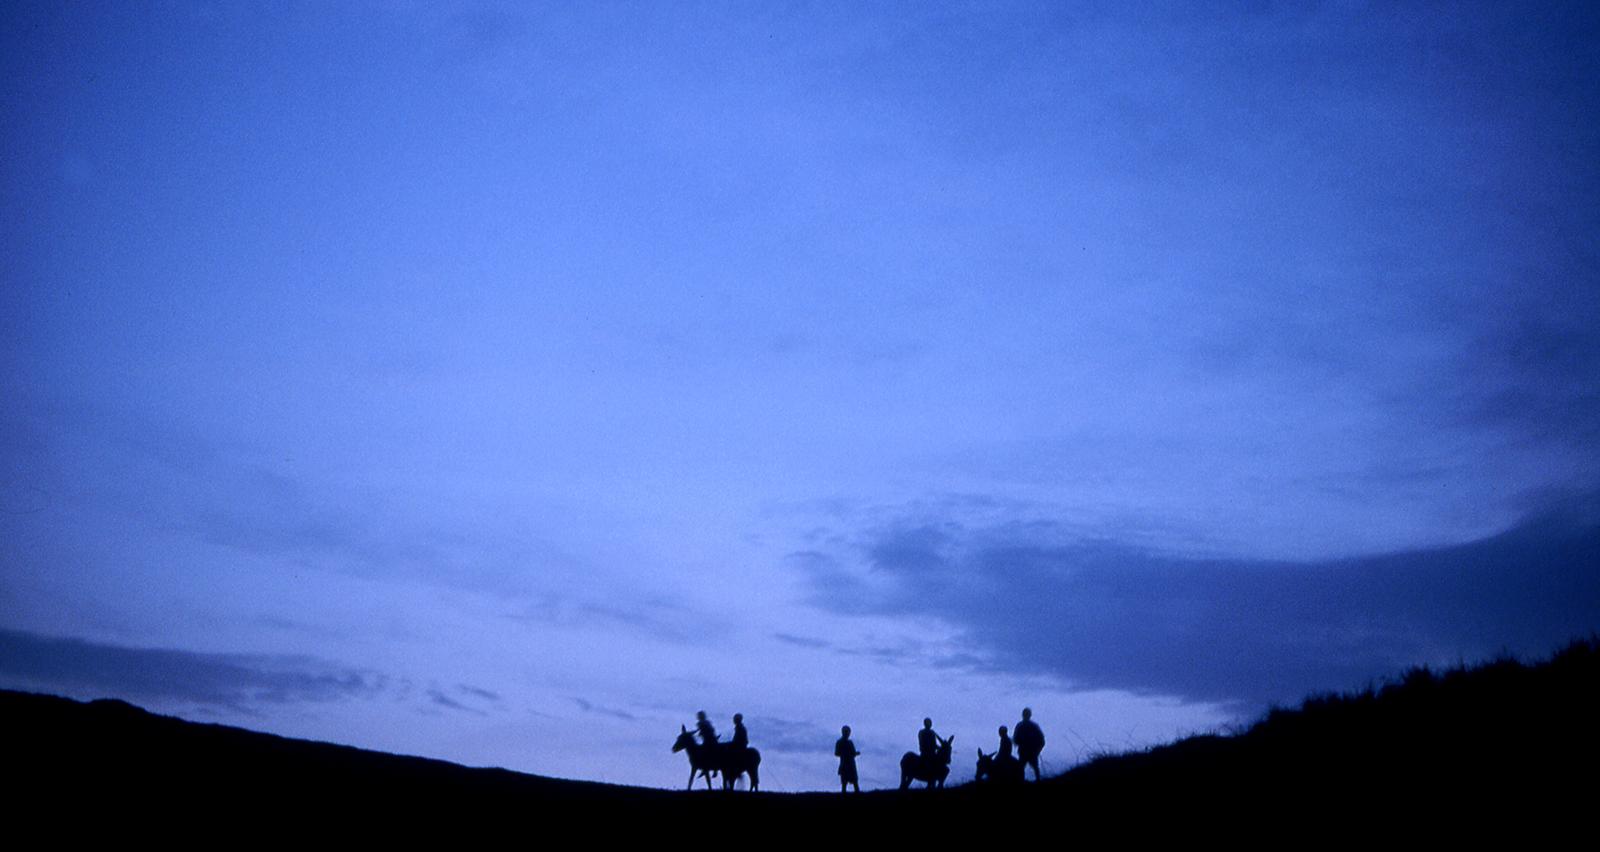 Mannen op paarden in verte op heuvel als silhouet met blauwe avondlucht